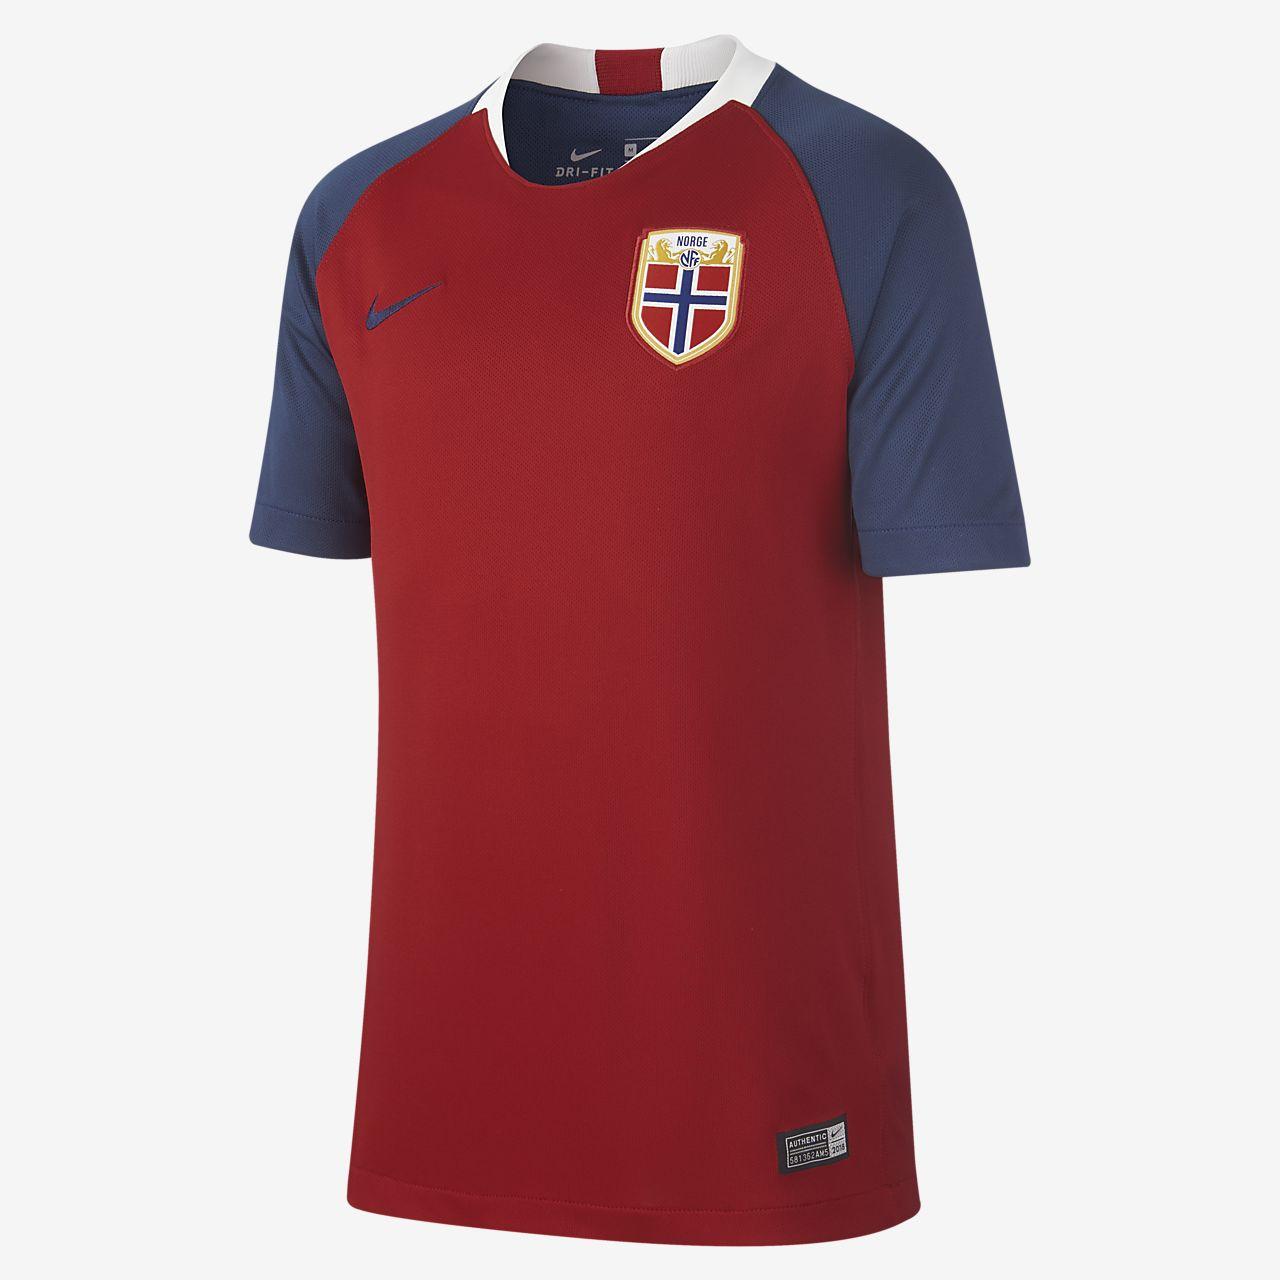 2018 Norwegen Stadium Home Fußballtrikot für ältere Kinder